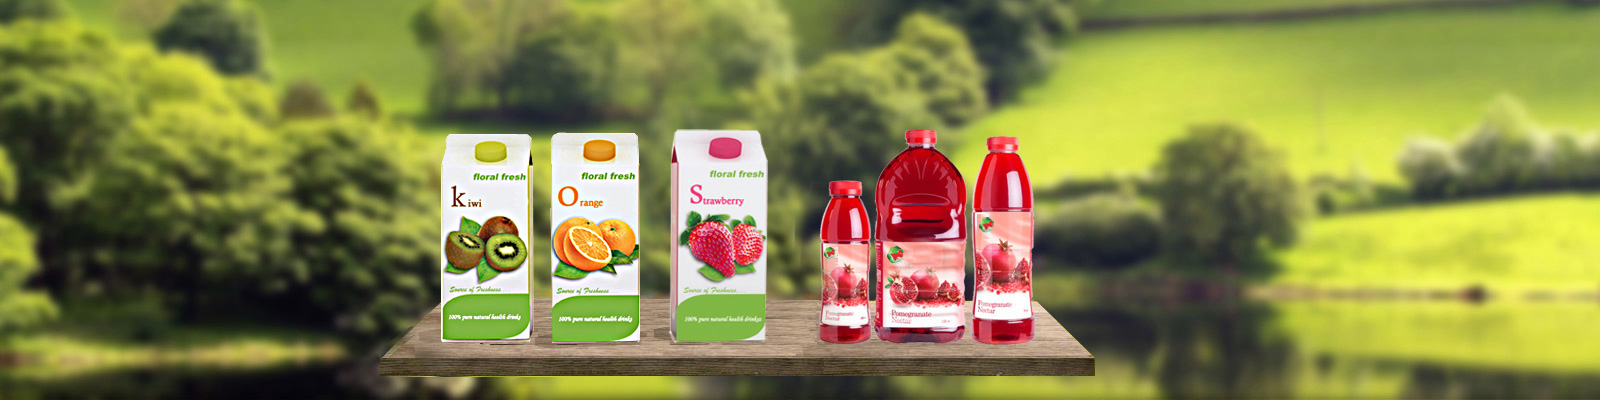 Fruit suppliers Dubai, Vegetable suppliers Dubai, Fruit